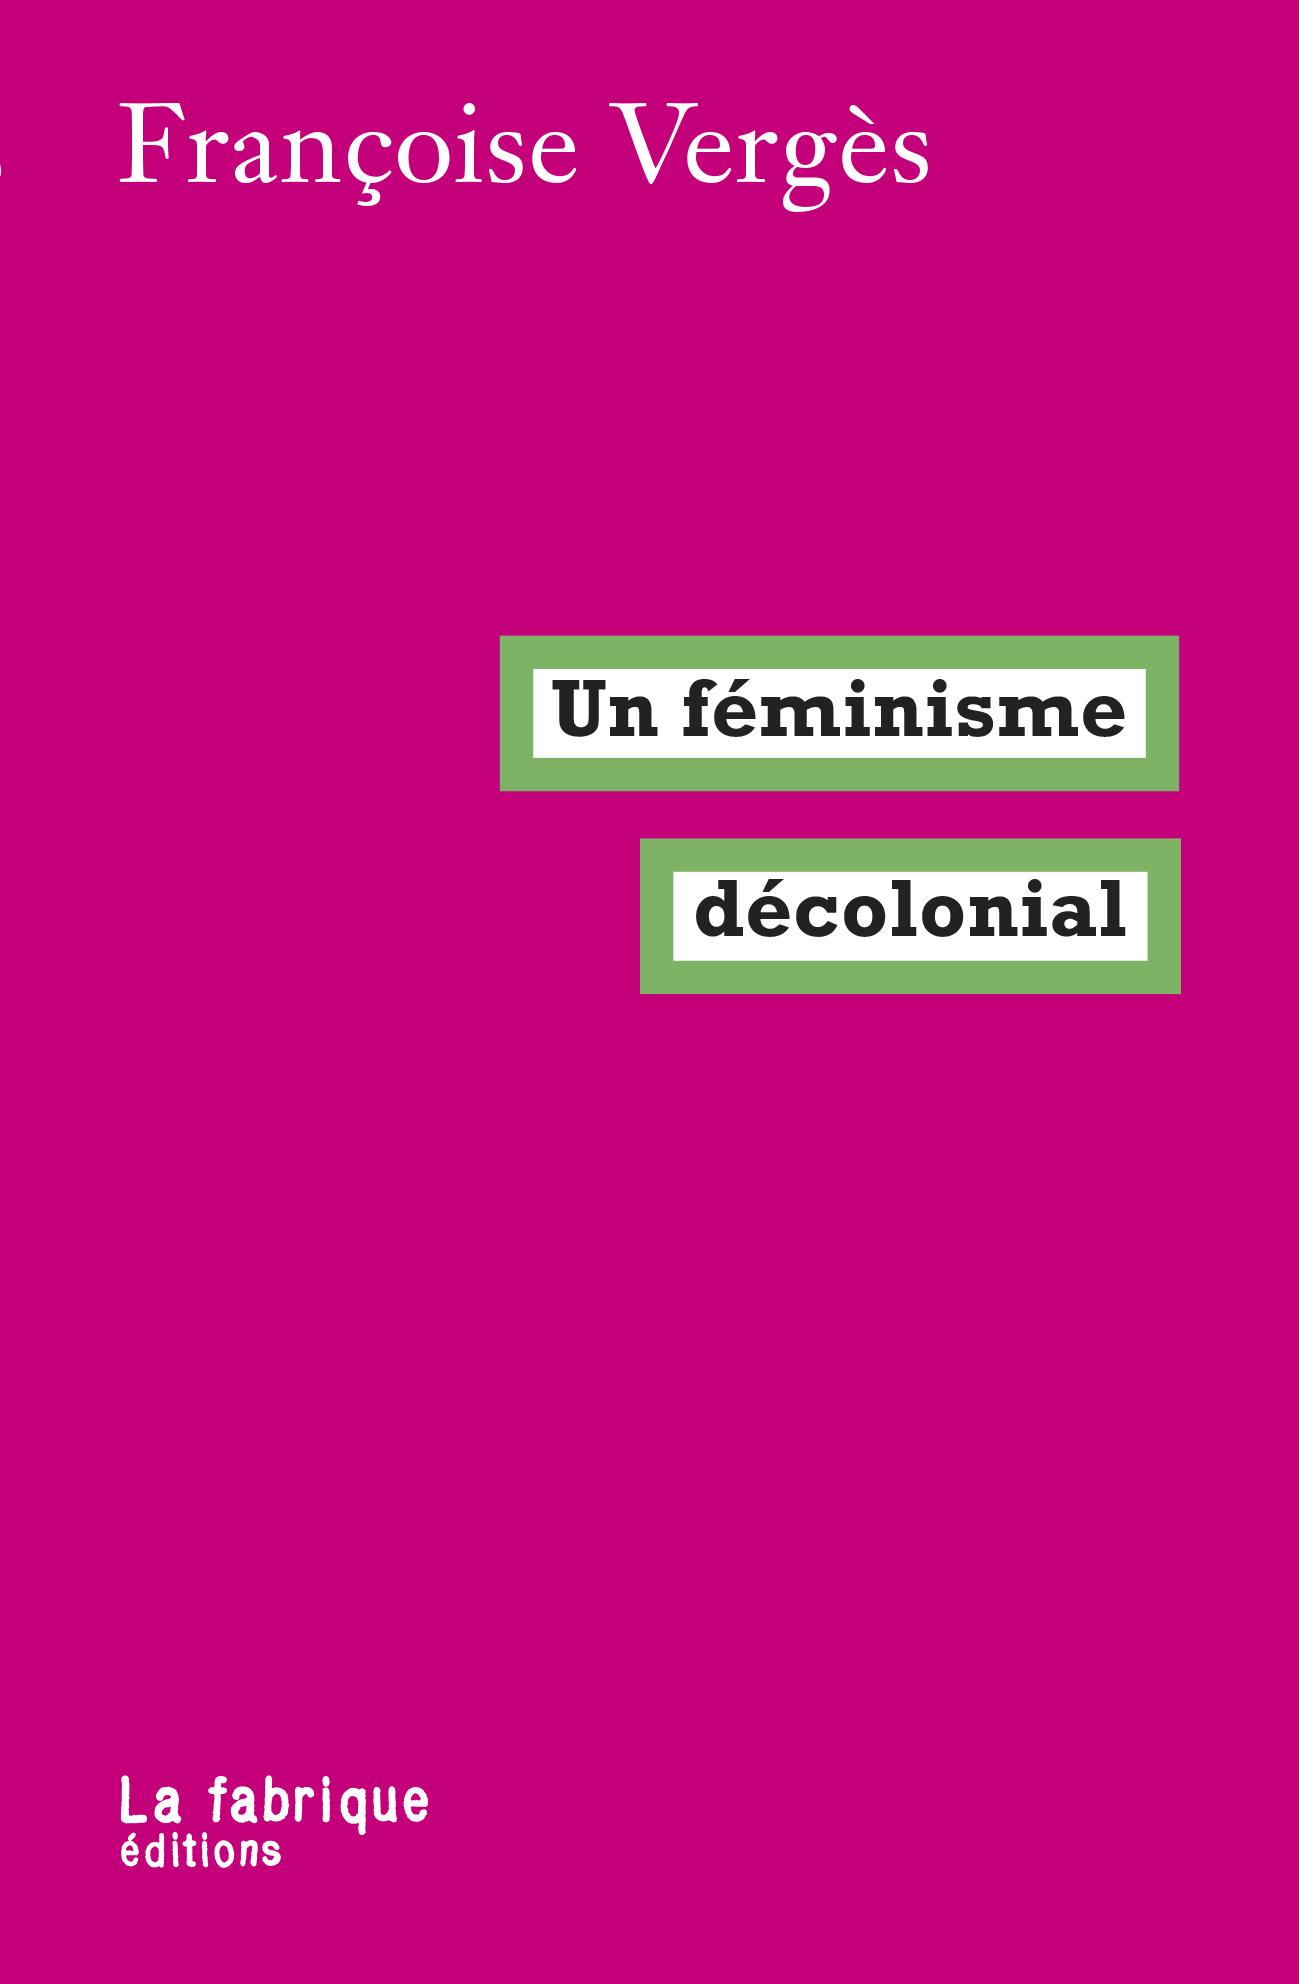 F. Vergès, Un féminisme décolonial